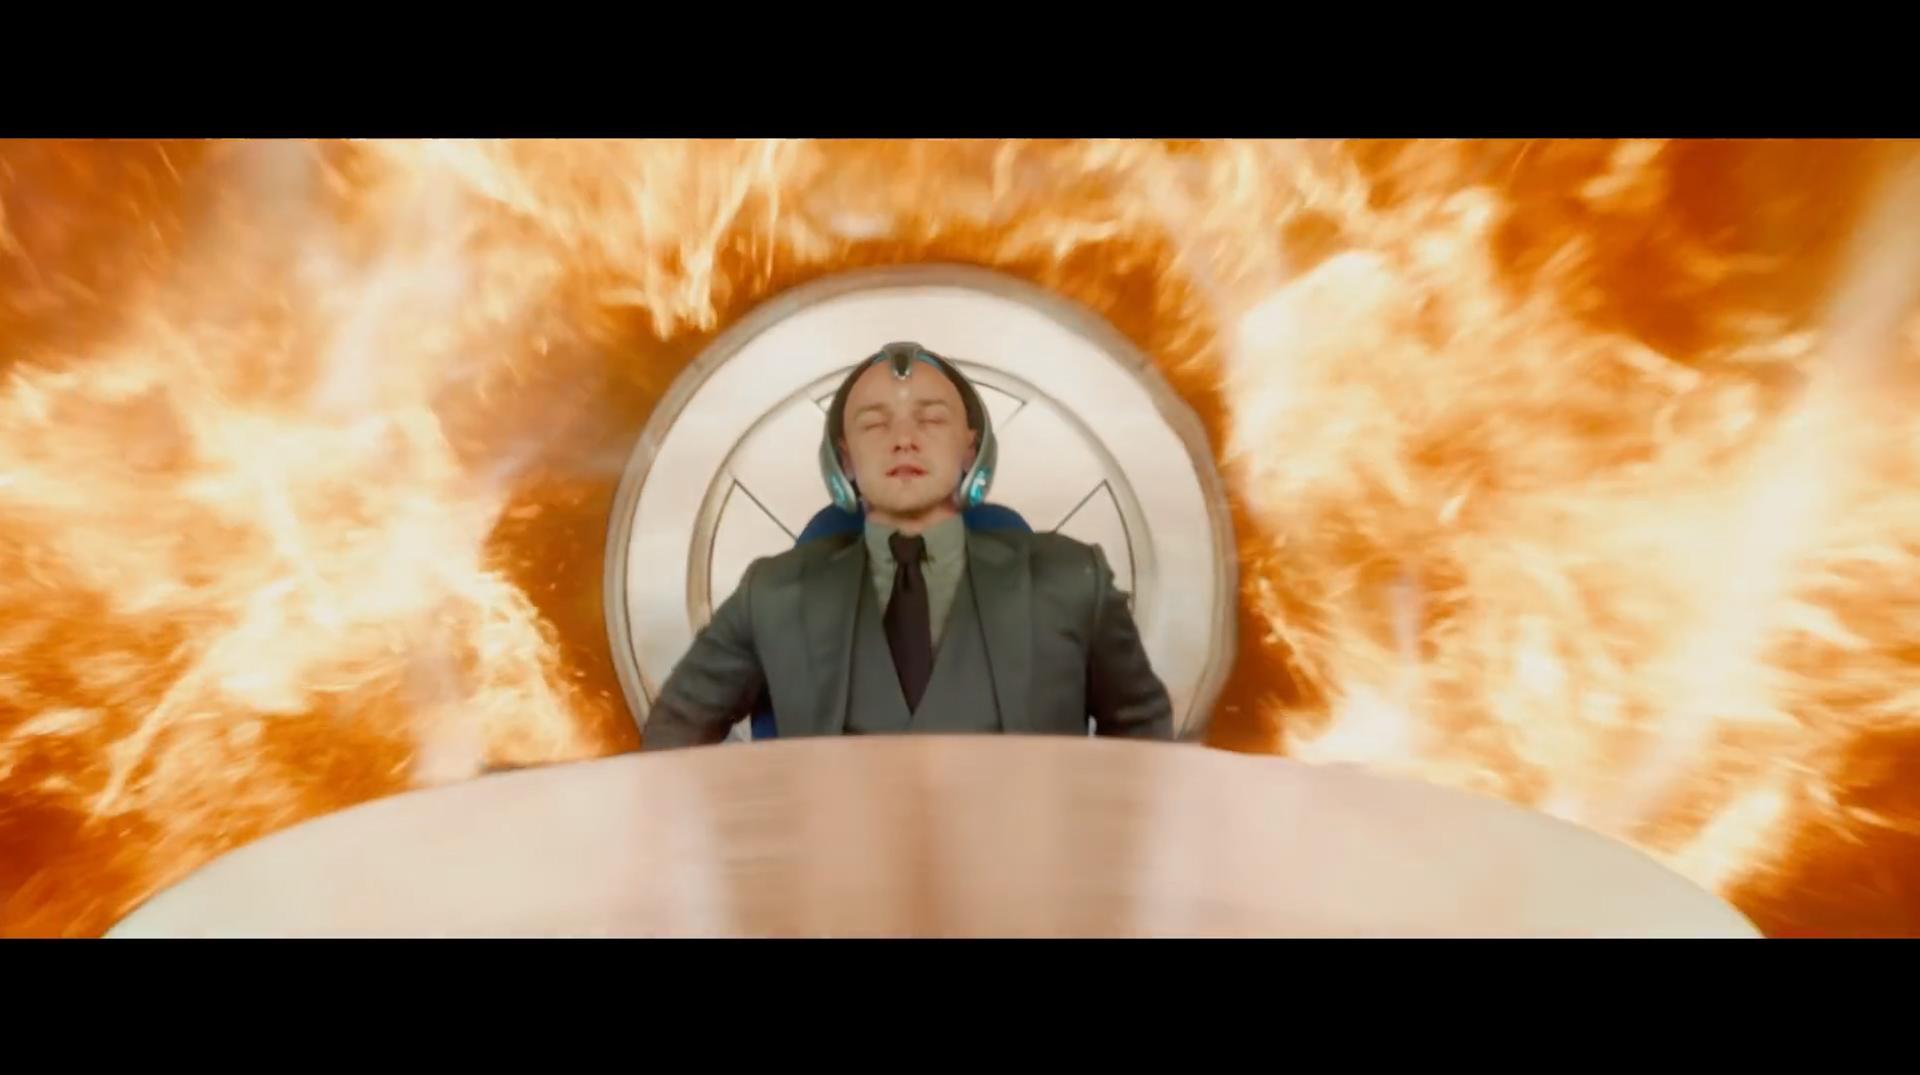 X-MEN: DARK PHOENIX - The Art of VFXThe Art of VFX